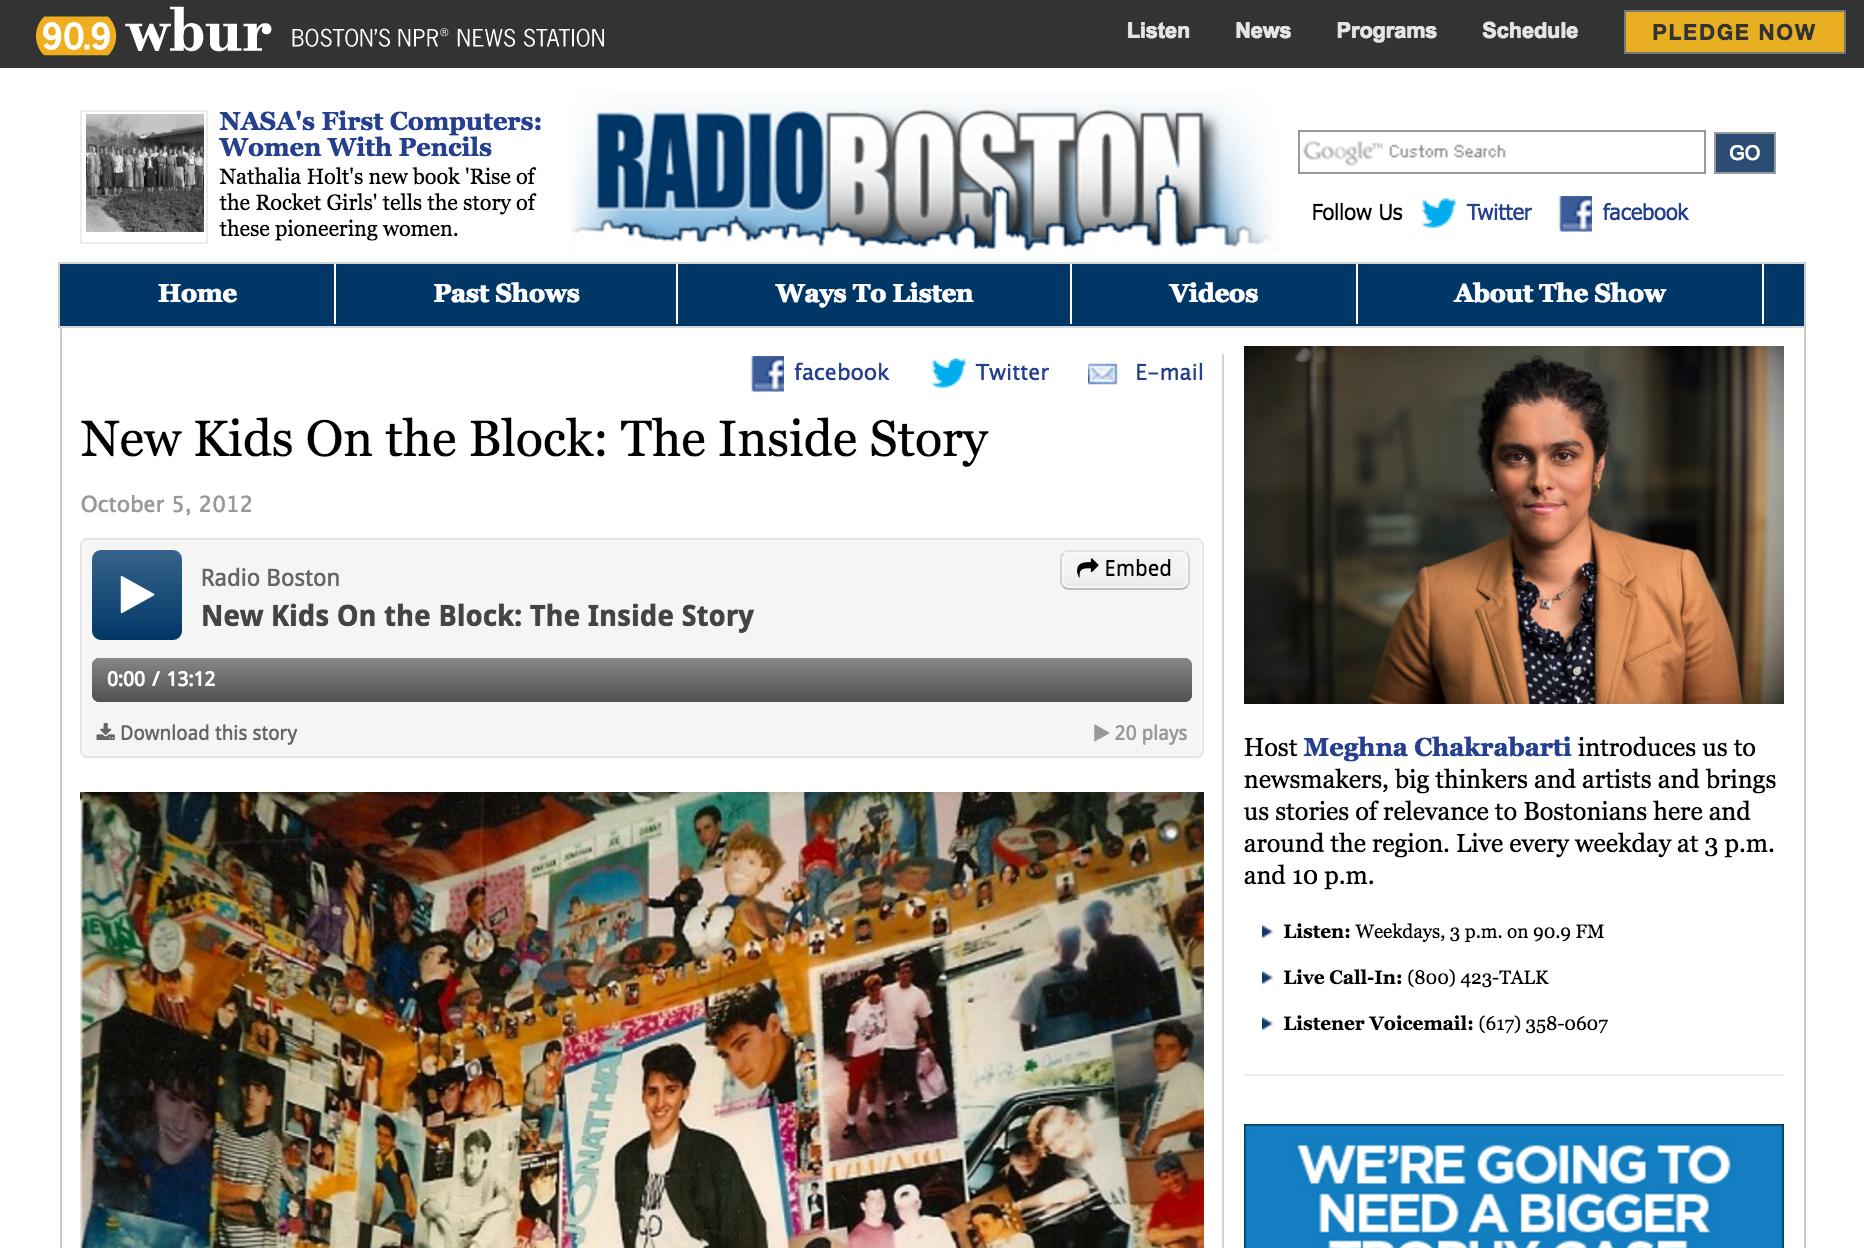 NPR (WBUR)